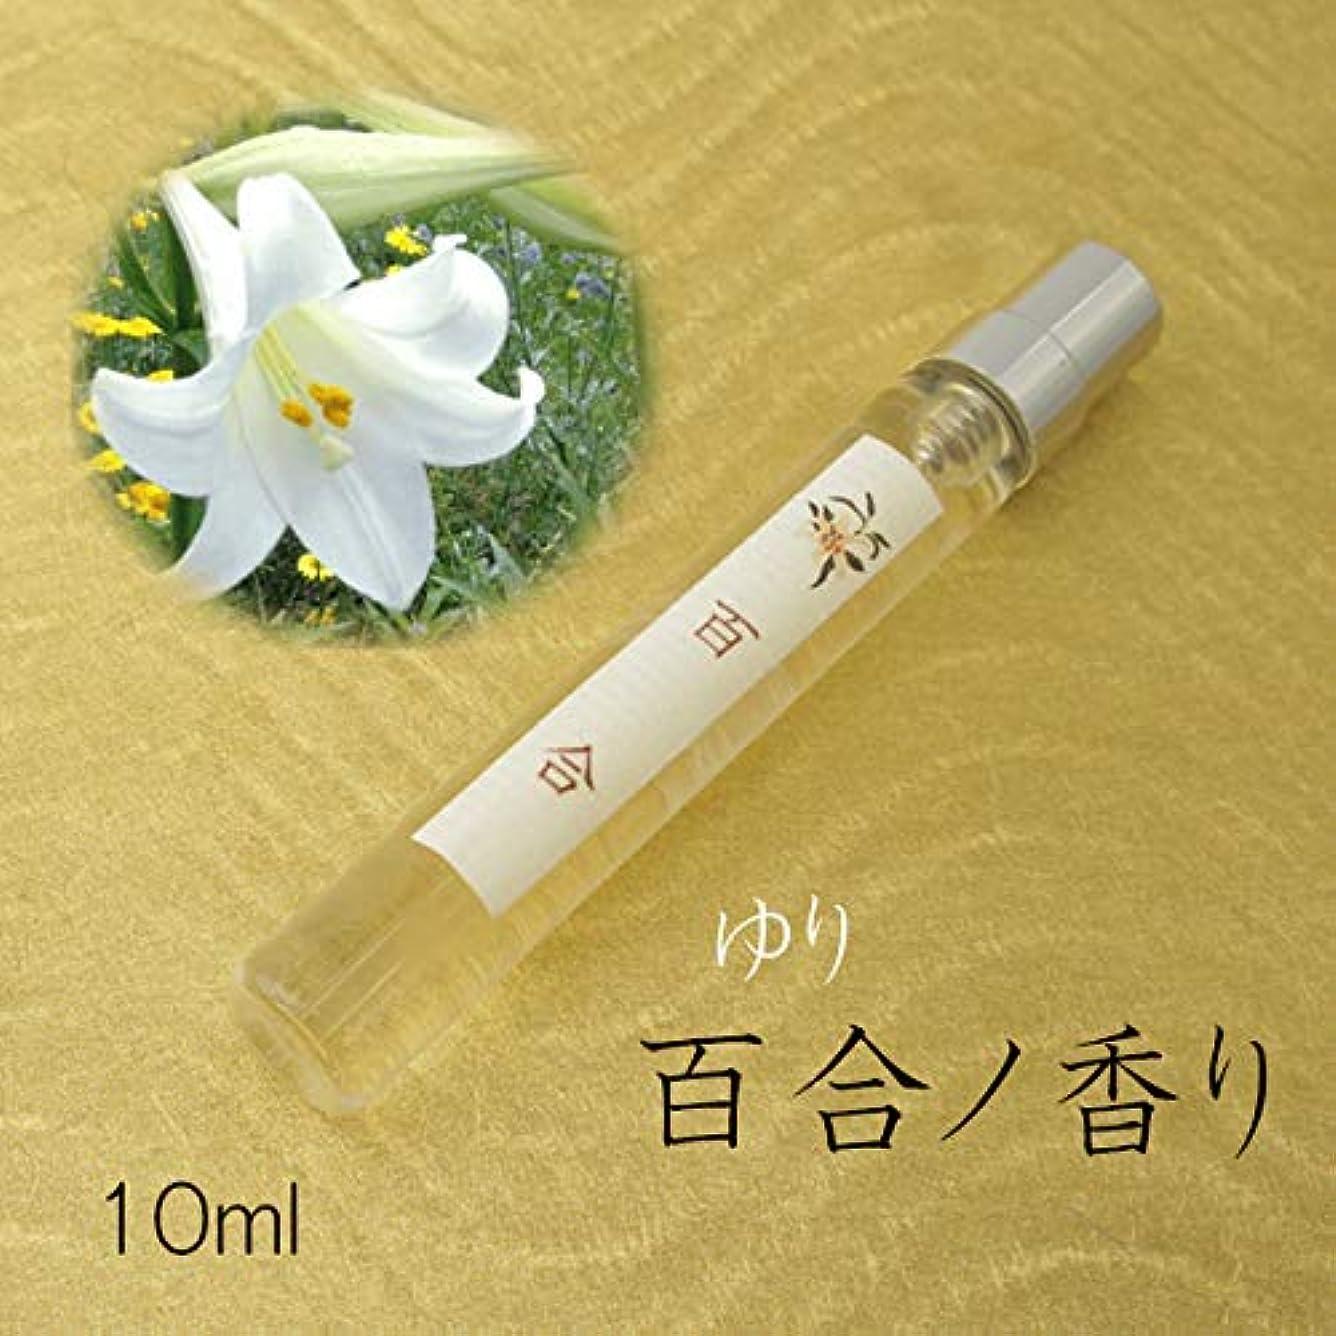 パントリー切る雨和香水「そこに花ノ香シリーズ」10ml (百合)